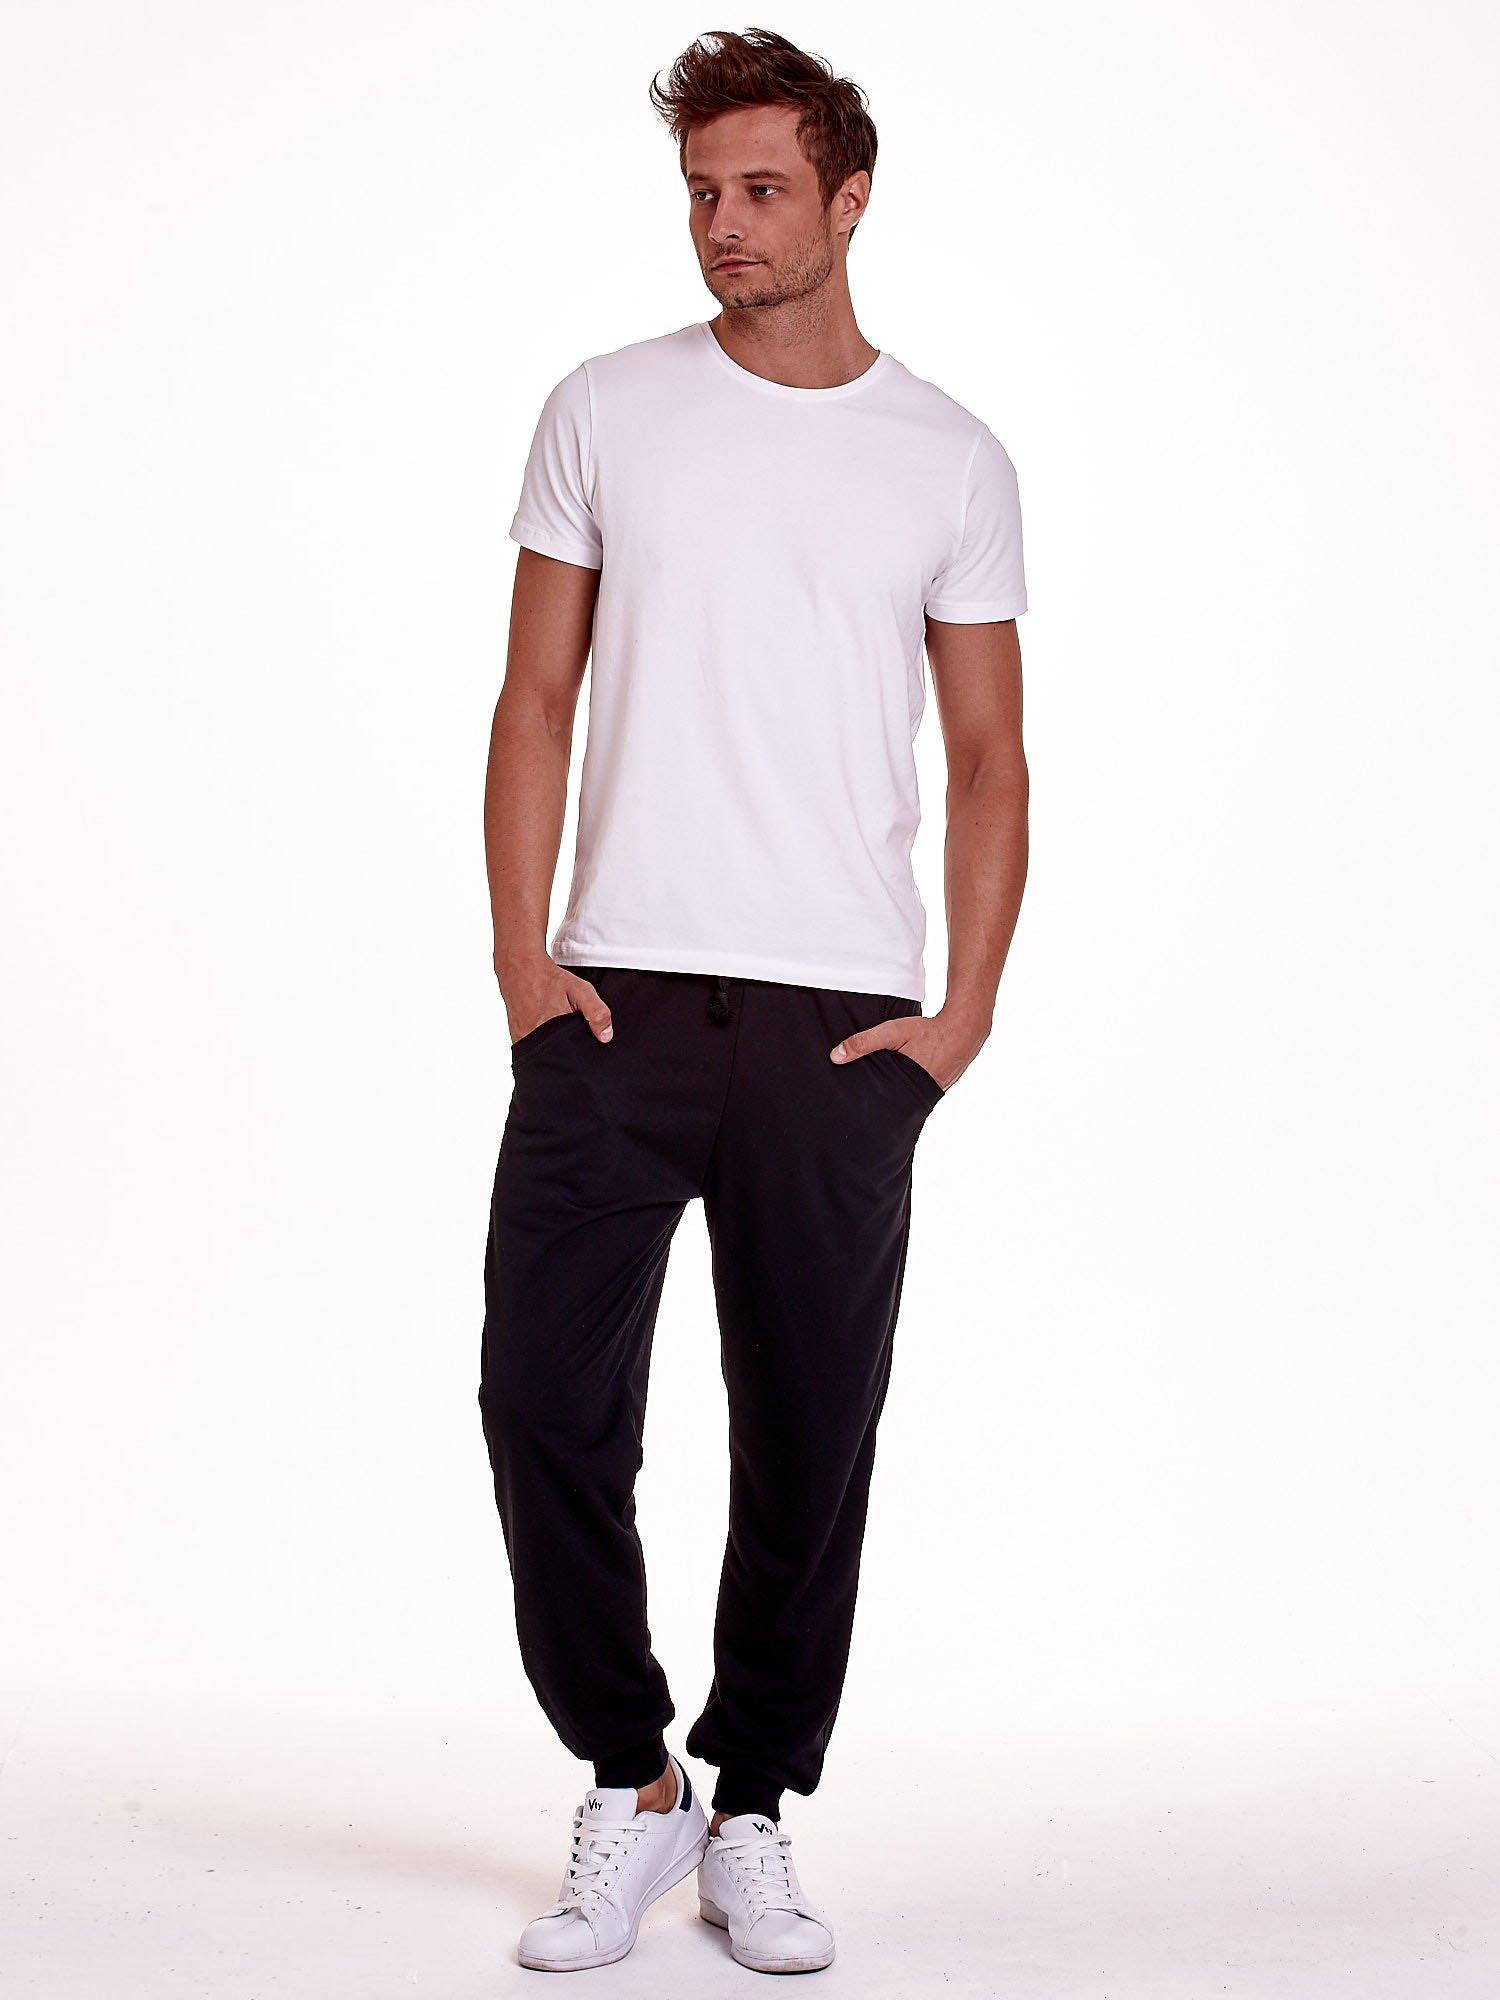 Czarne dresowe spodnie męskie z trokami w pasie i kieszeniami                                  zdj.                                  2